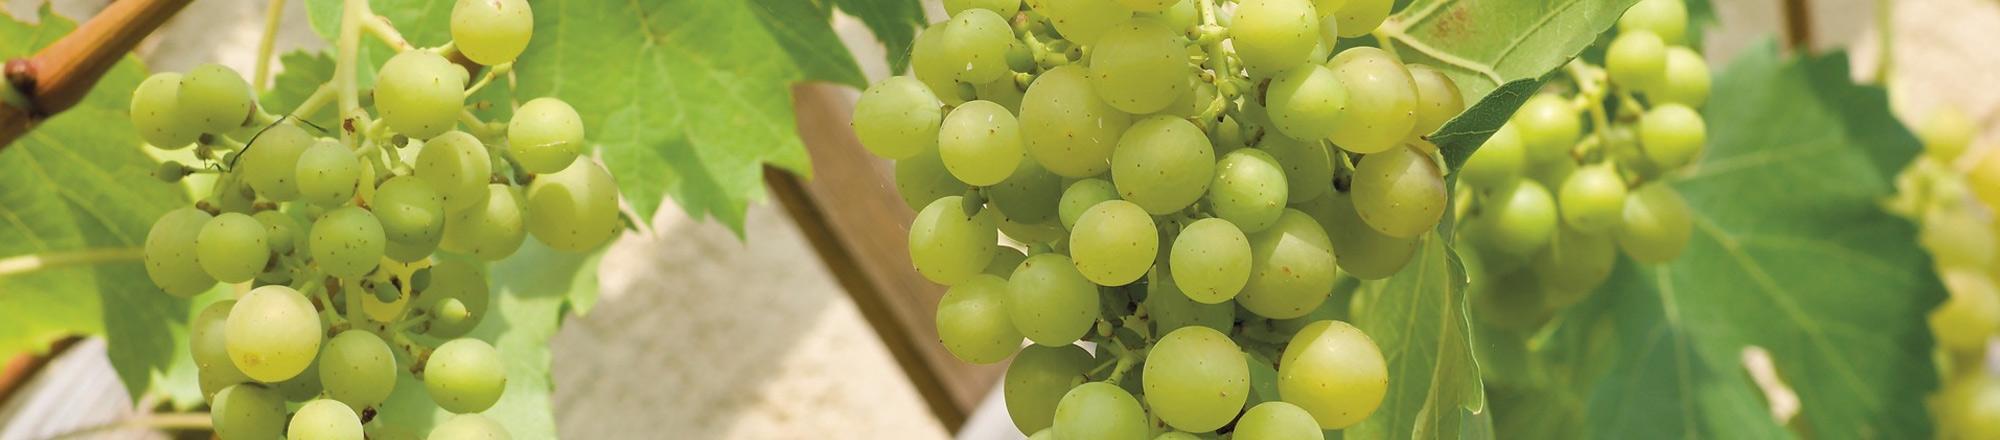 Druiven snoeien en verzorgen